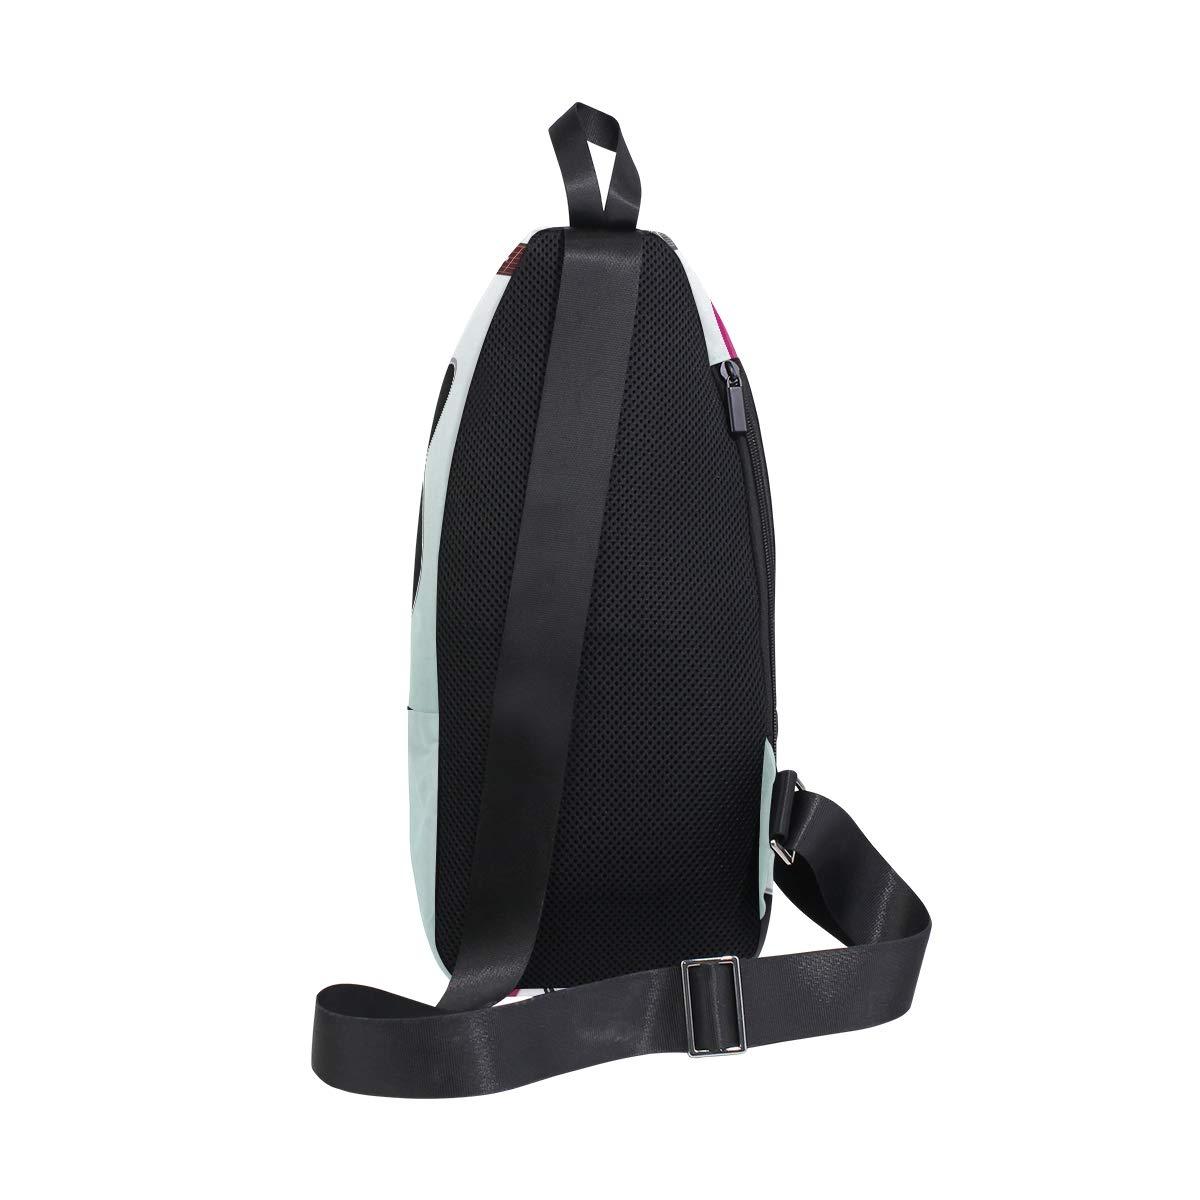 Unisex Messenger Bag Guitar Shoulder Chest Cross Body Backpack Bag